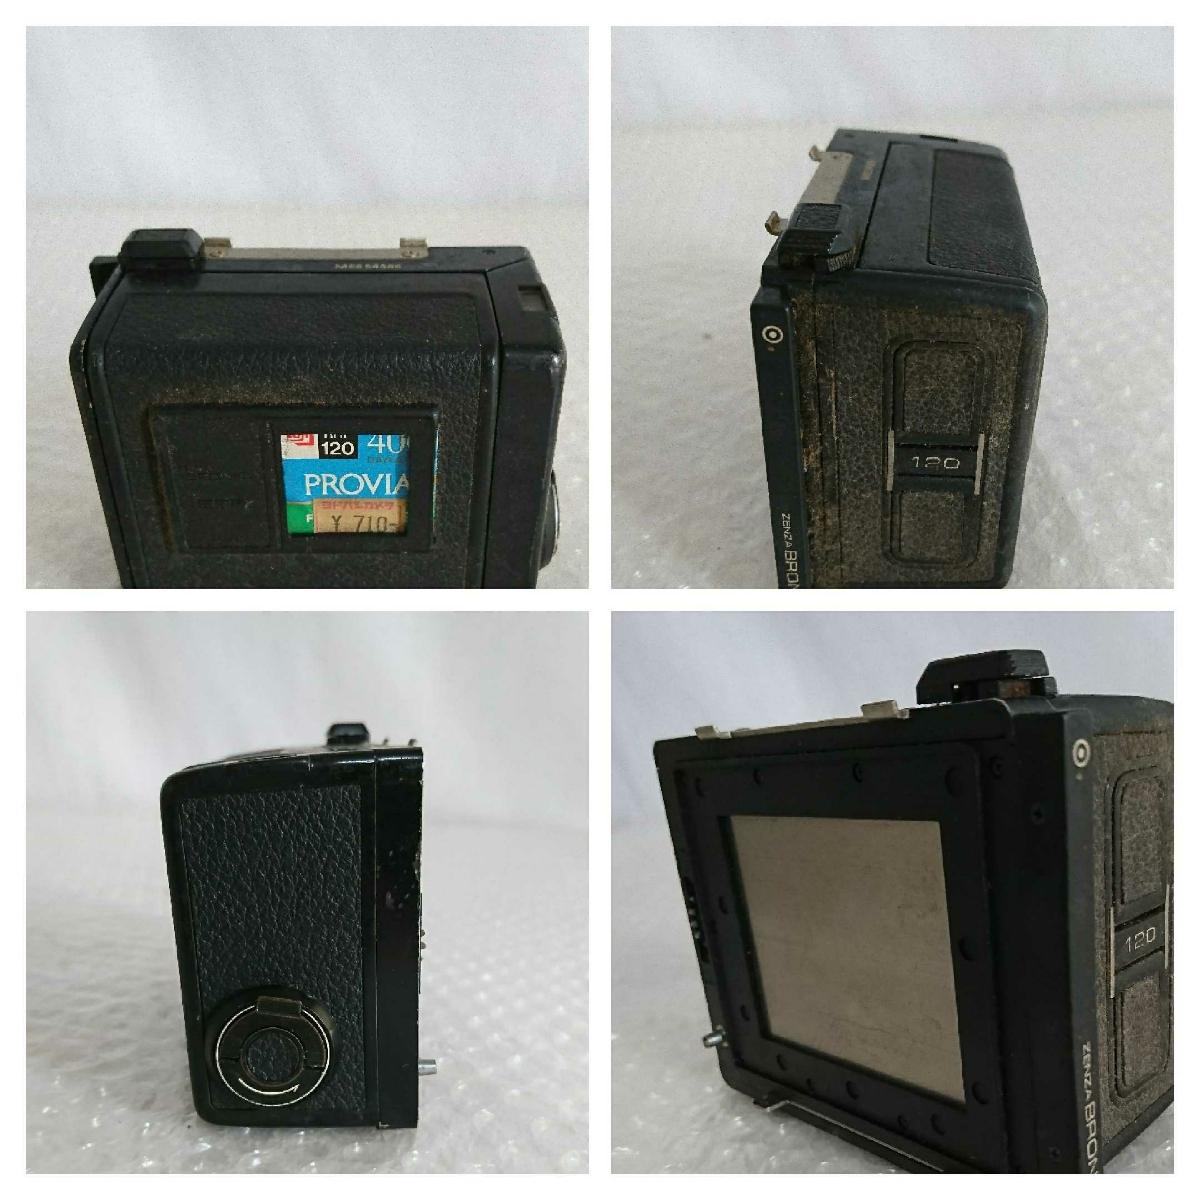 ZENZA BRONICA ゼンザブロニカ ETRSi + レンズ ZENZANON MC 50mm 1:2.8 等 3本 + フィルムパック 2個 + フィルター セット まとめ まとめて_画像5